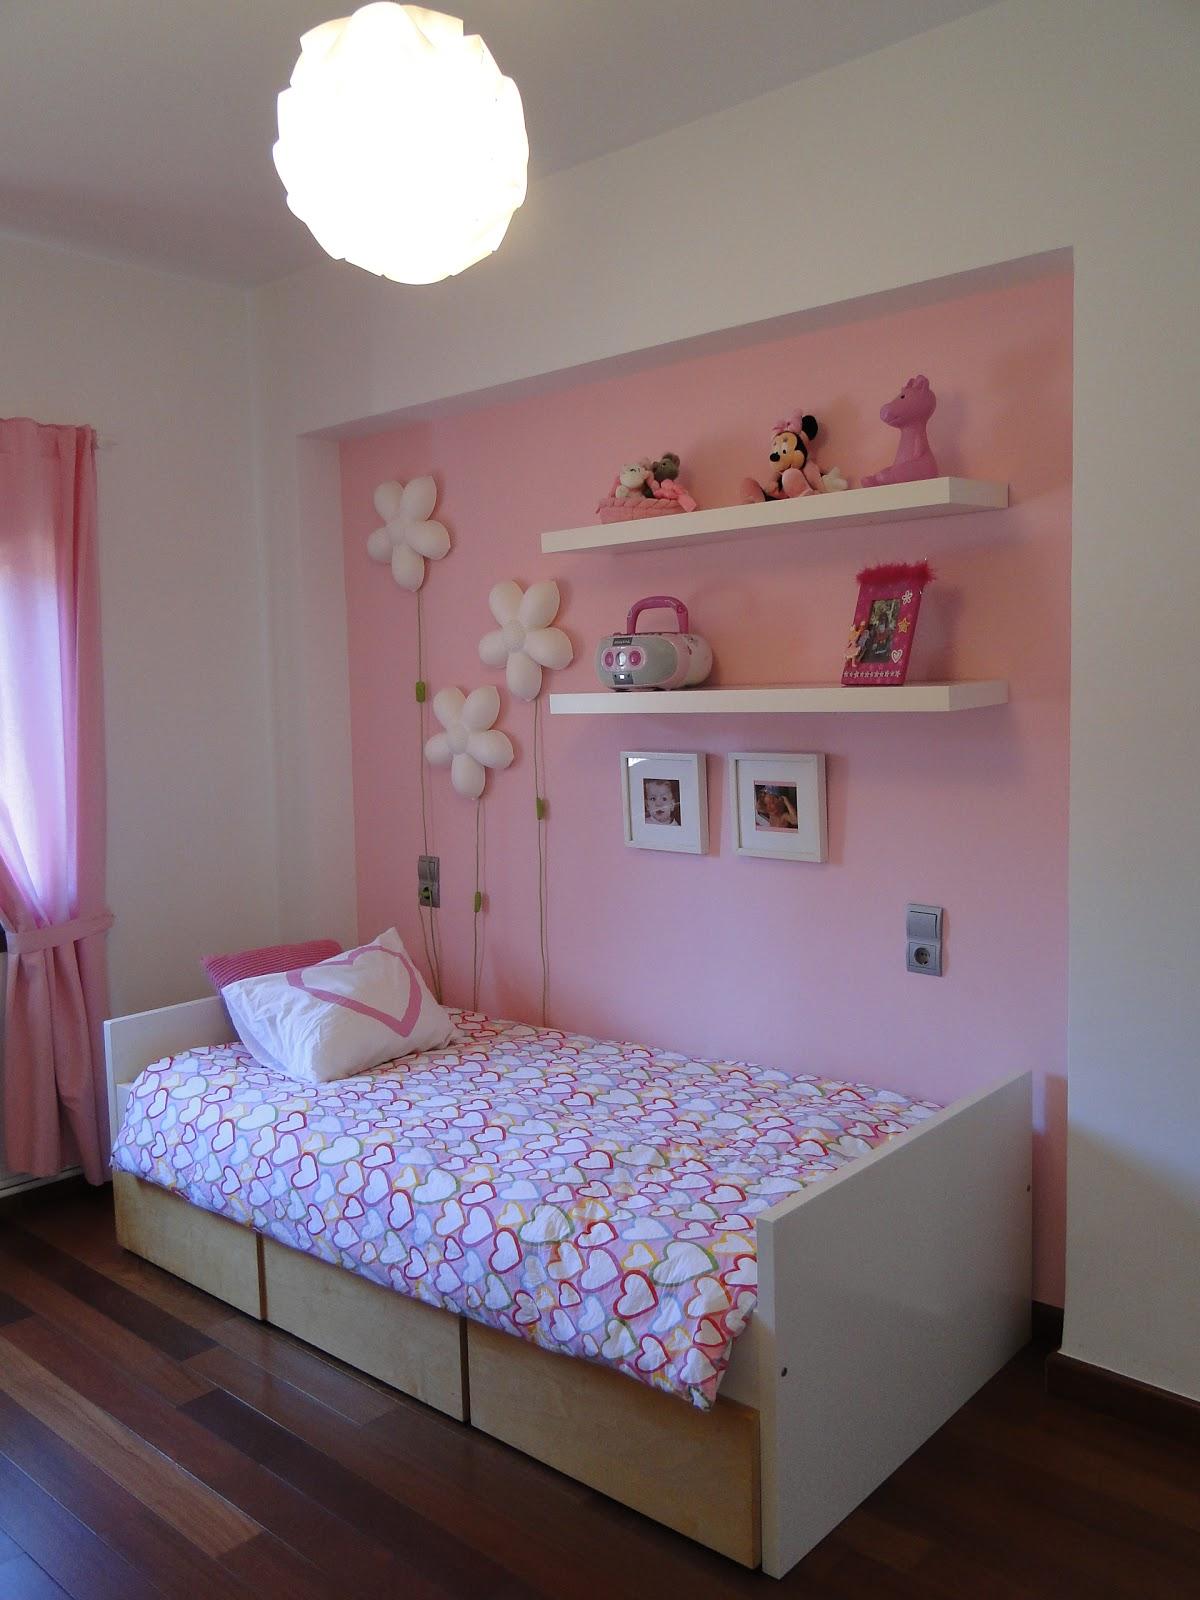 Planos low cost habitaci n infantil en rosa for Habitacion lila y blanca